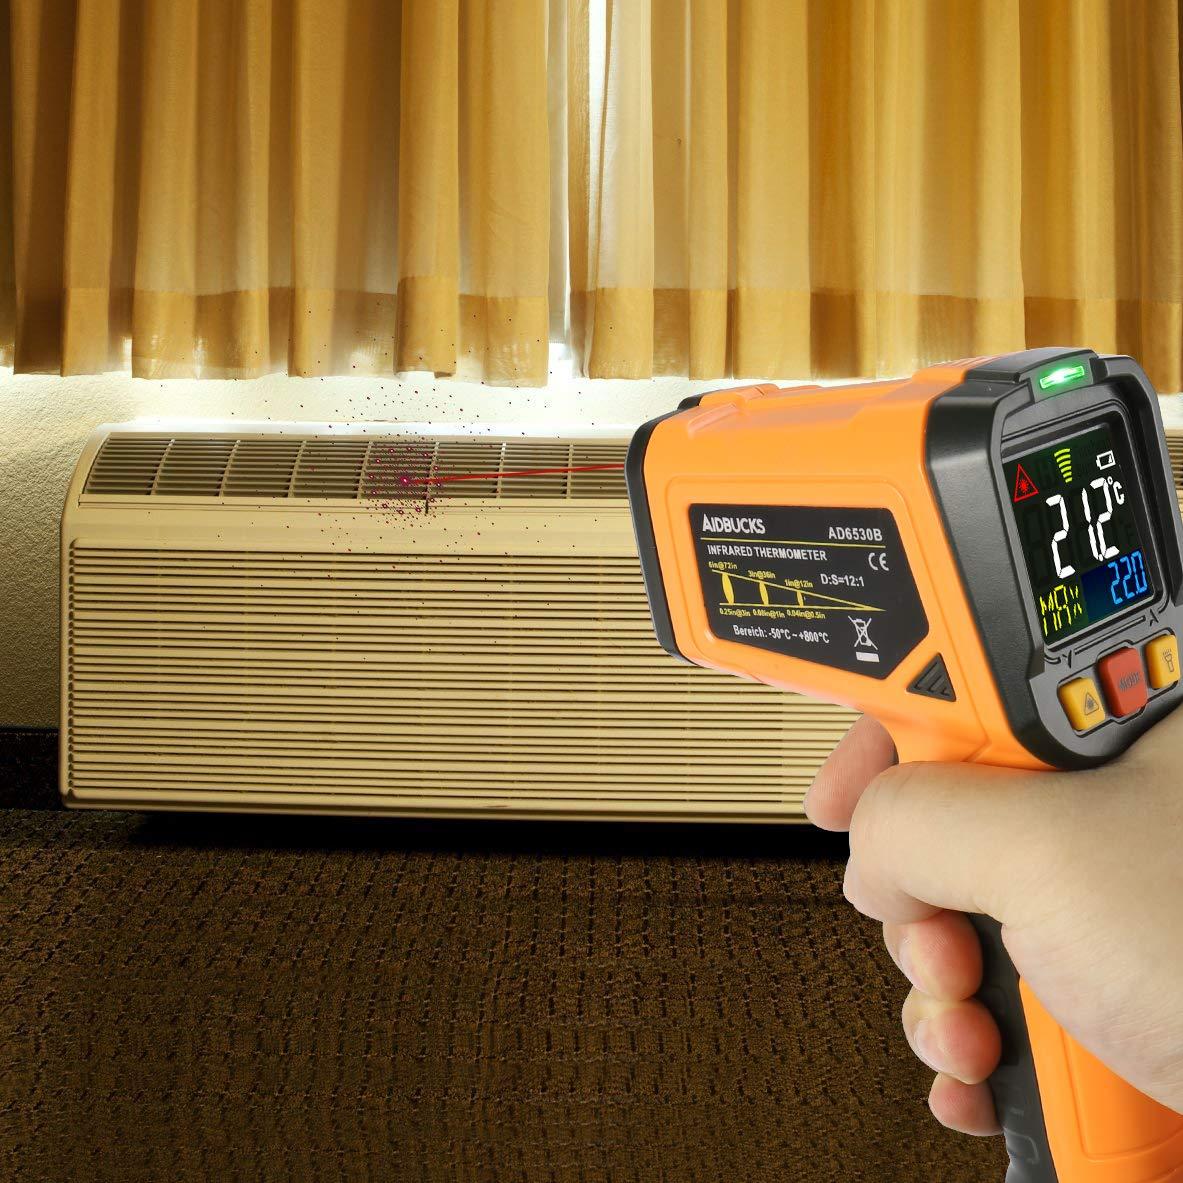 50 /°C /à 800 /°C avec 12 point Fonction de Alarme de temp/érature douverture Thermom/ètre infrarouge Janisa Ad6530b Laser Digital sans contact IR Pistolet de temp/érature /écran couleur